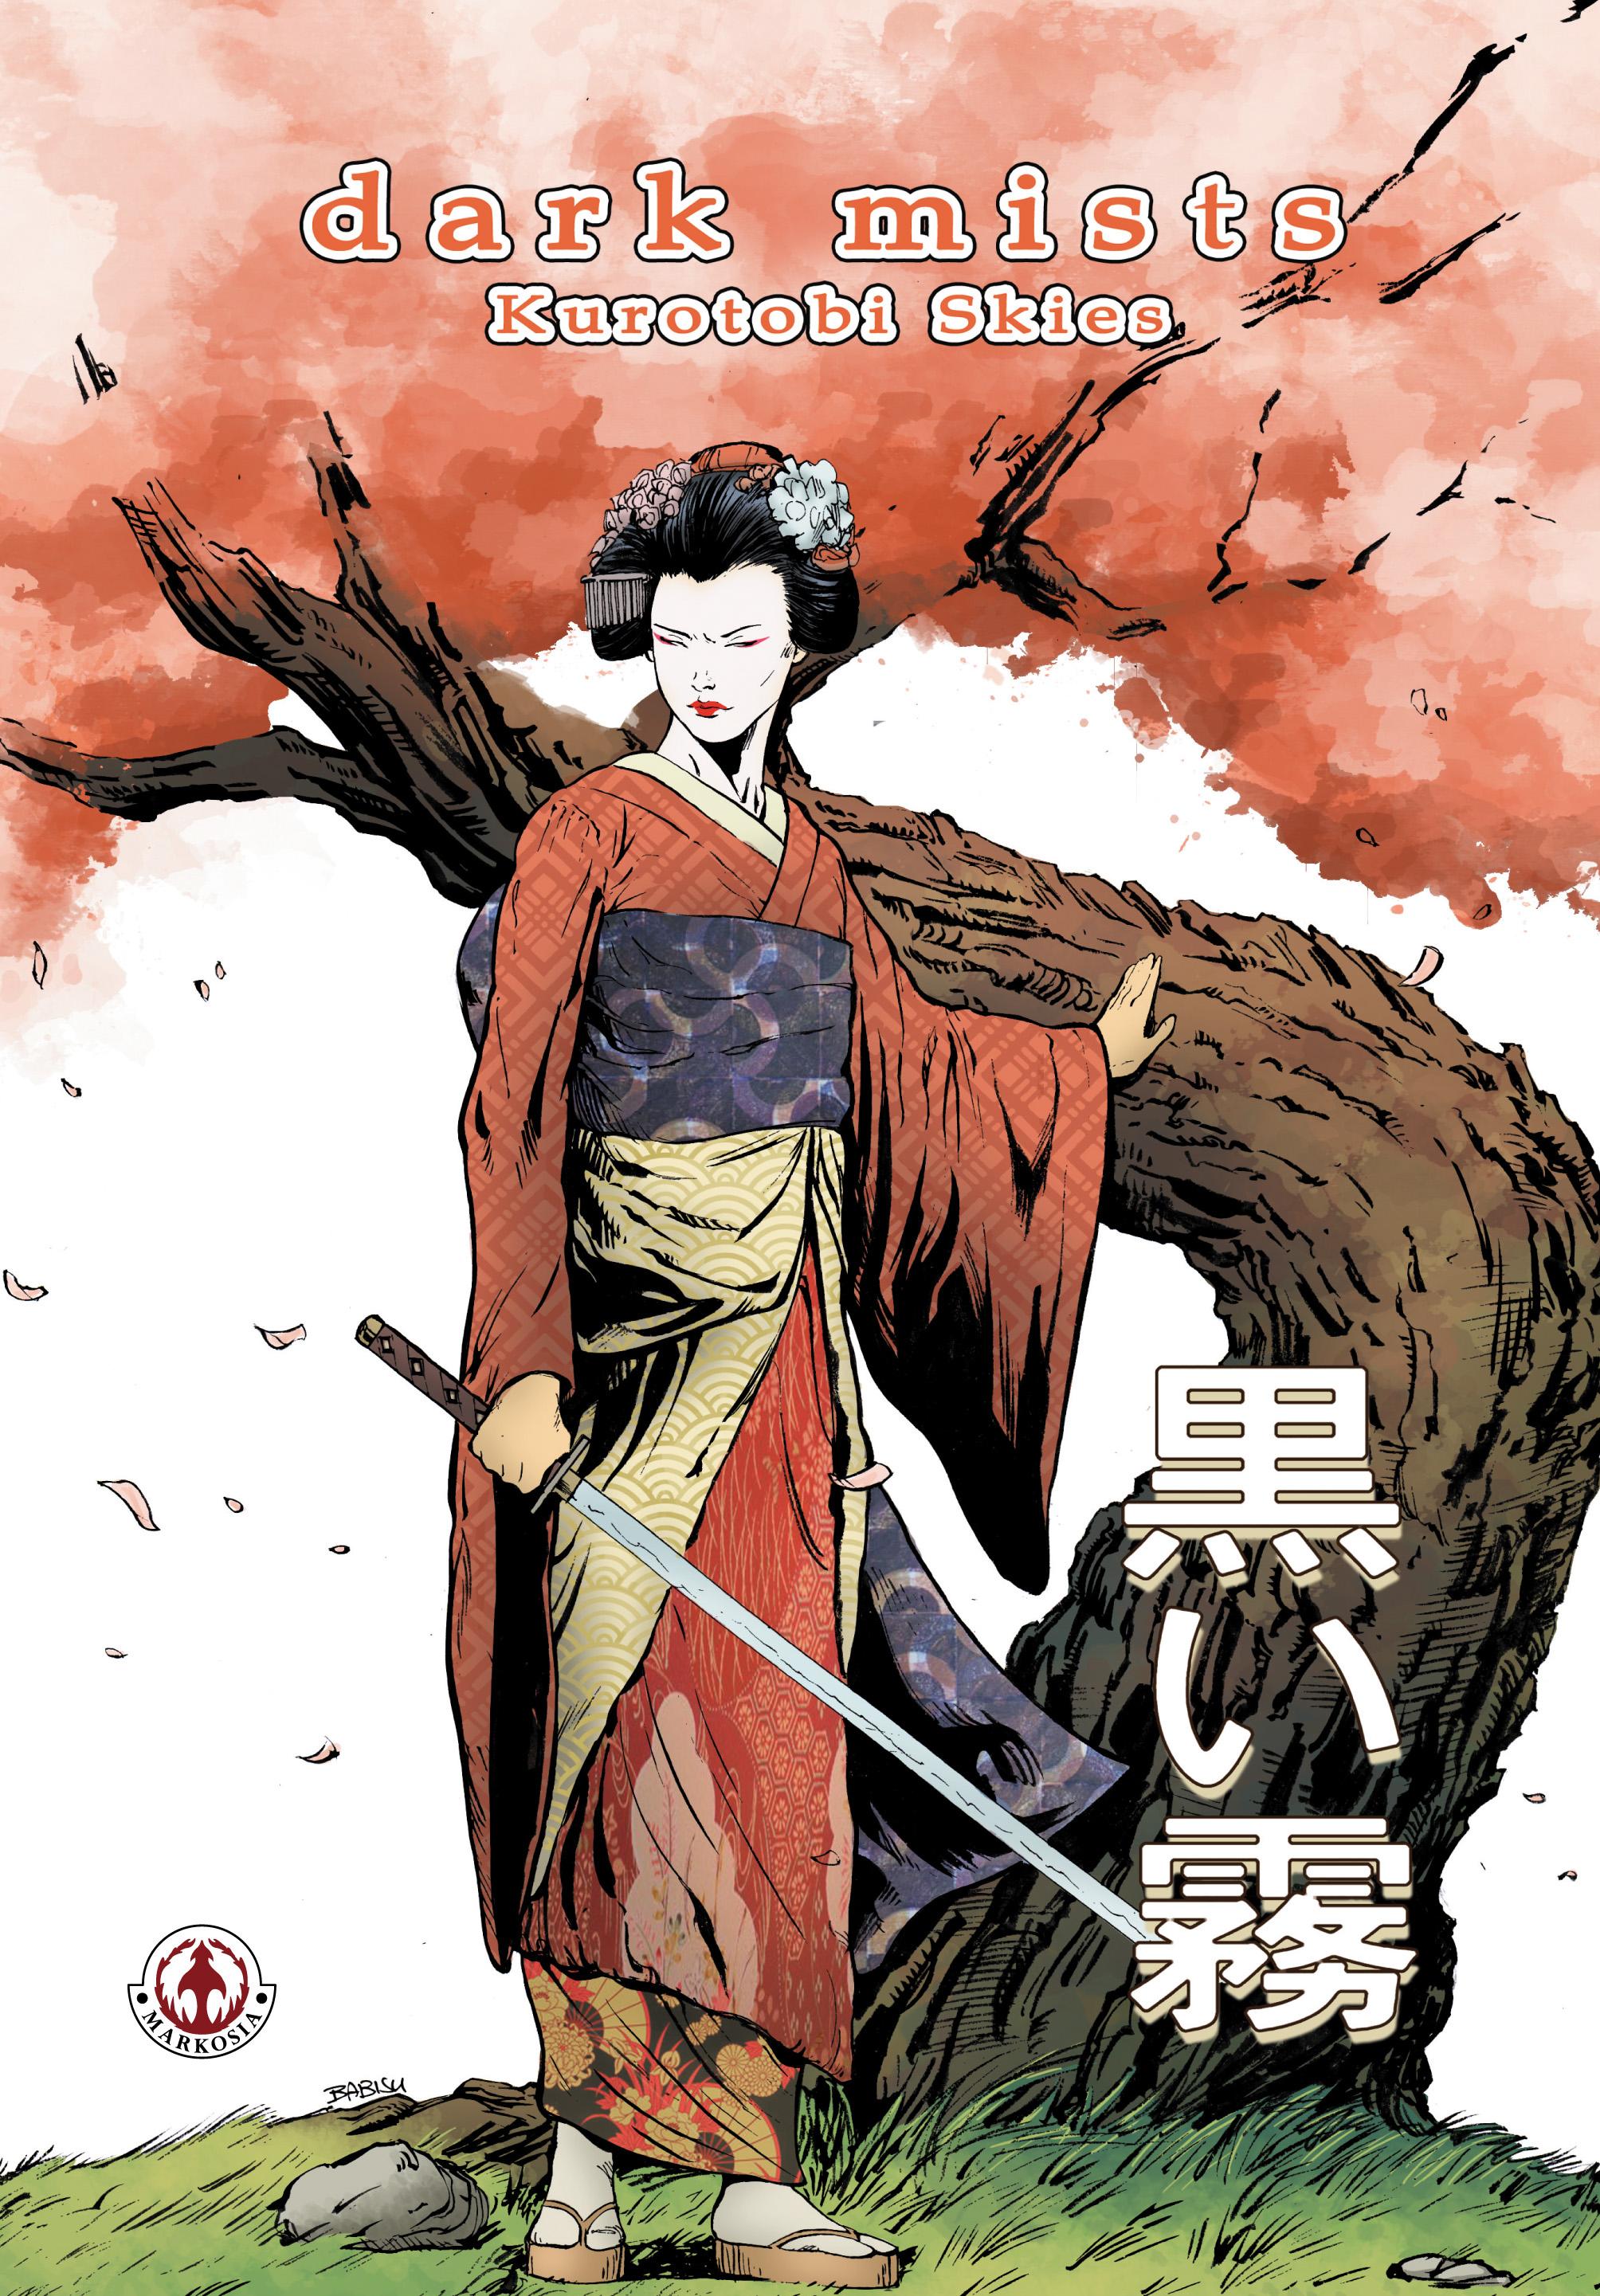 Dark Mists 2 Kurotobi Skies - Cover